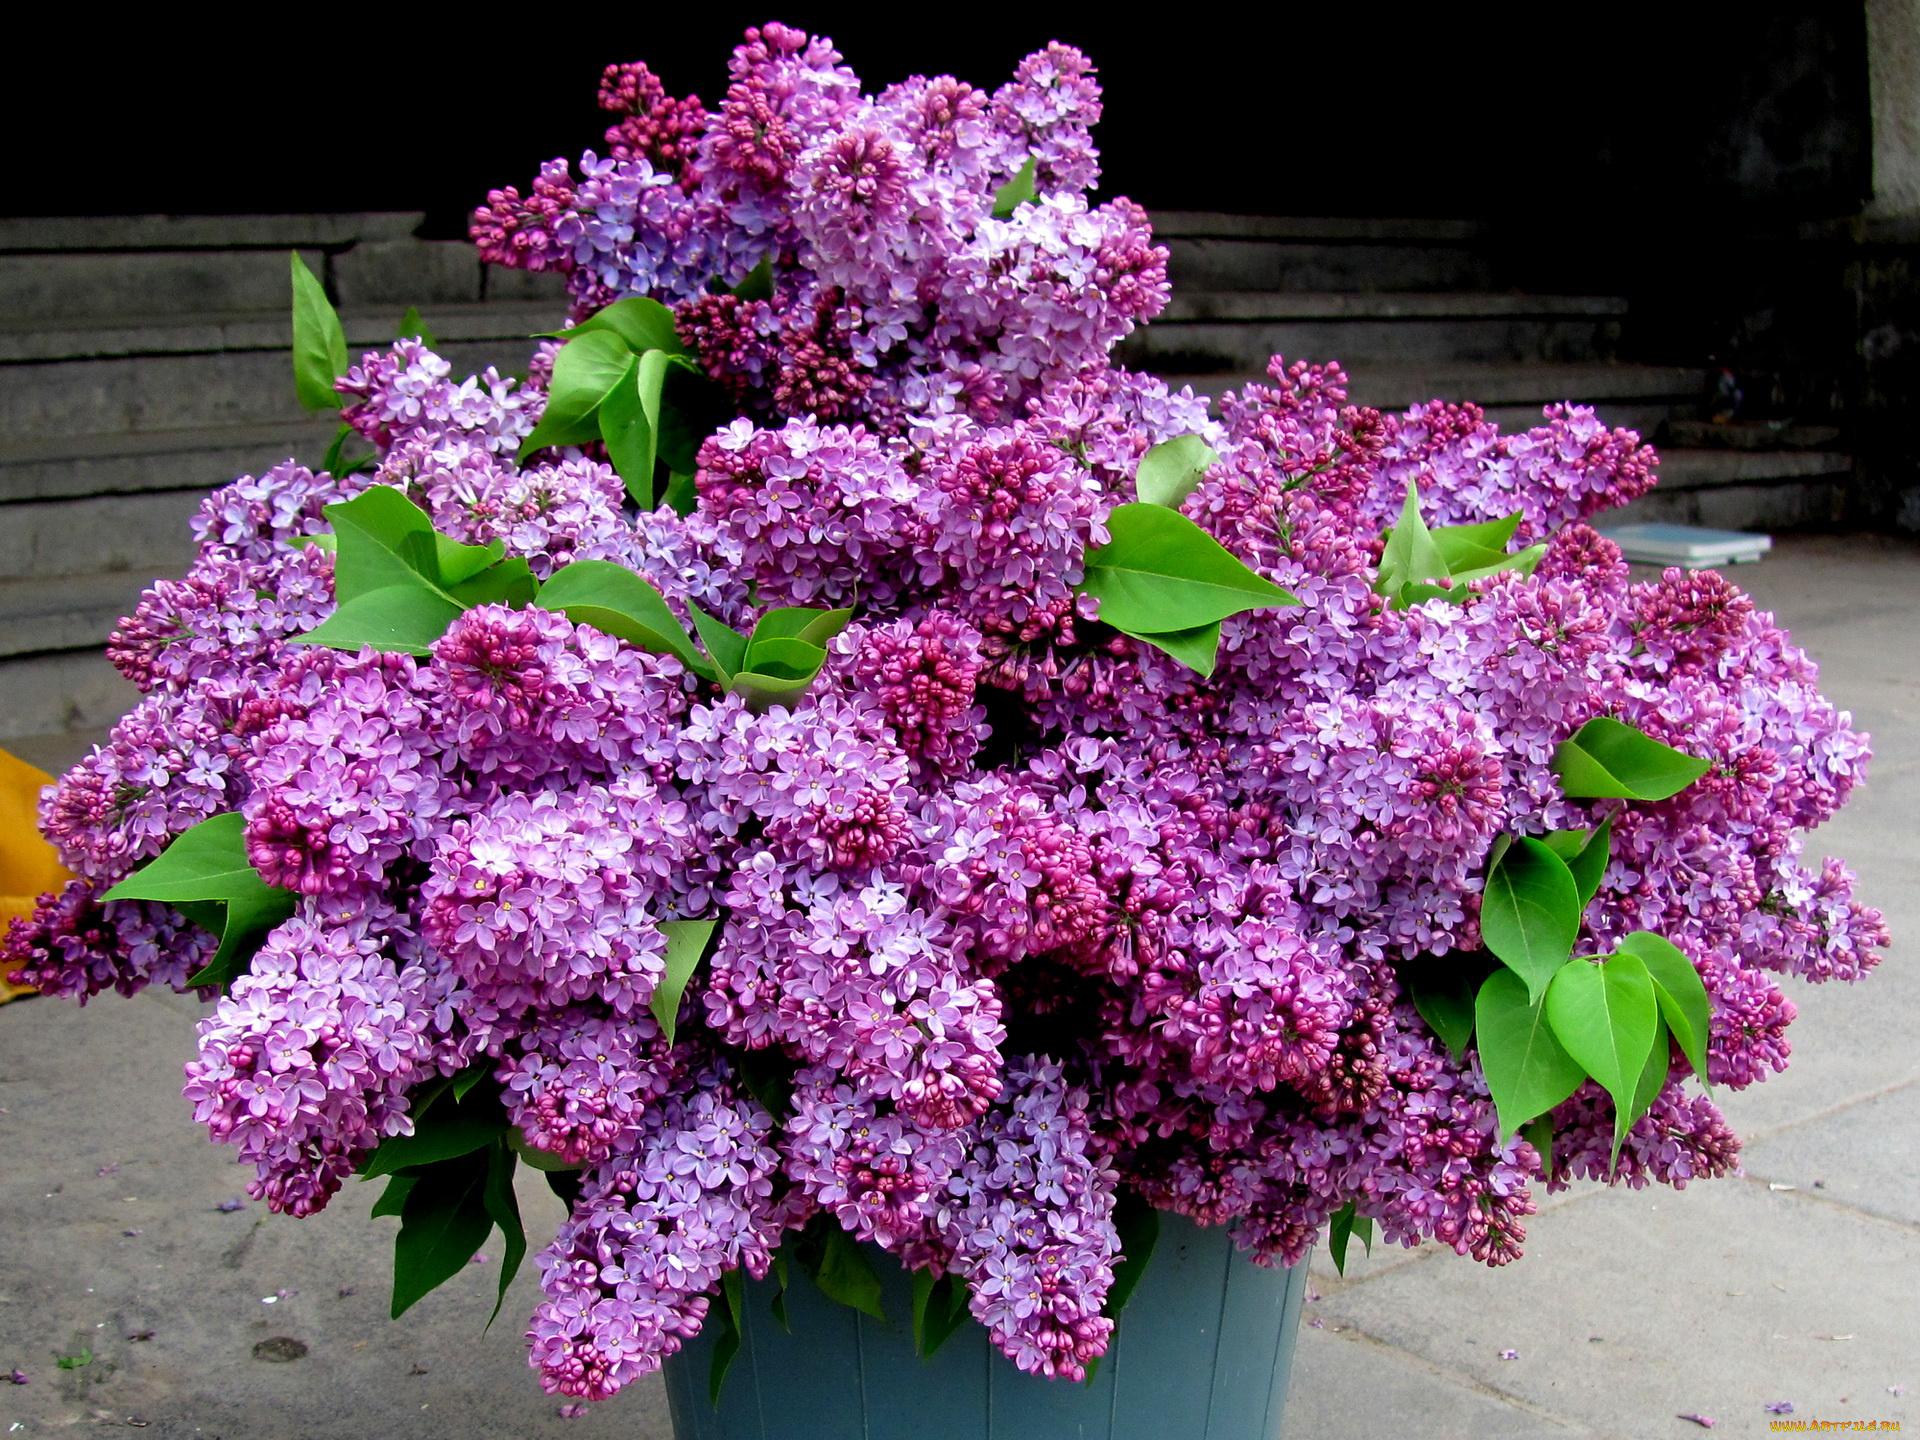 Цветы сирень картинки, найти красивые